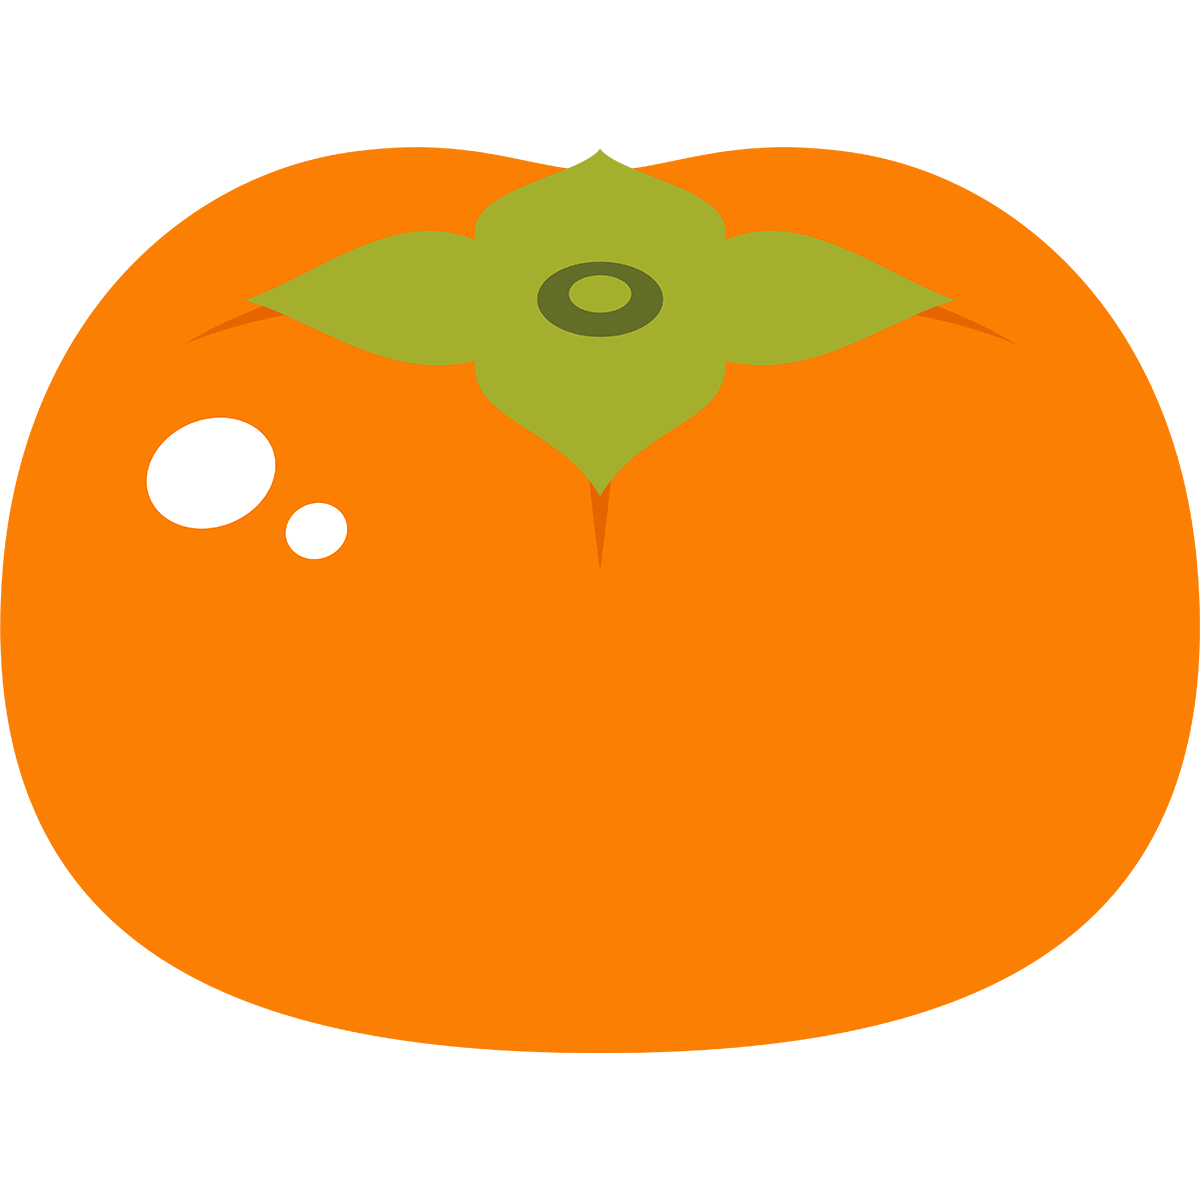 柿の無料イラスト